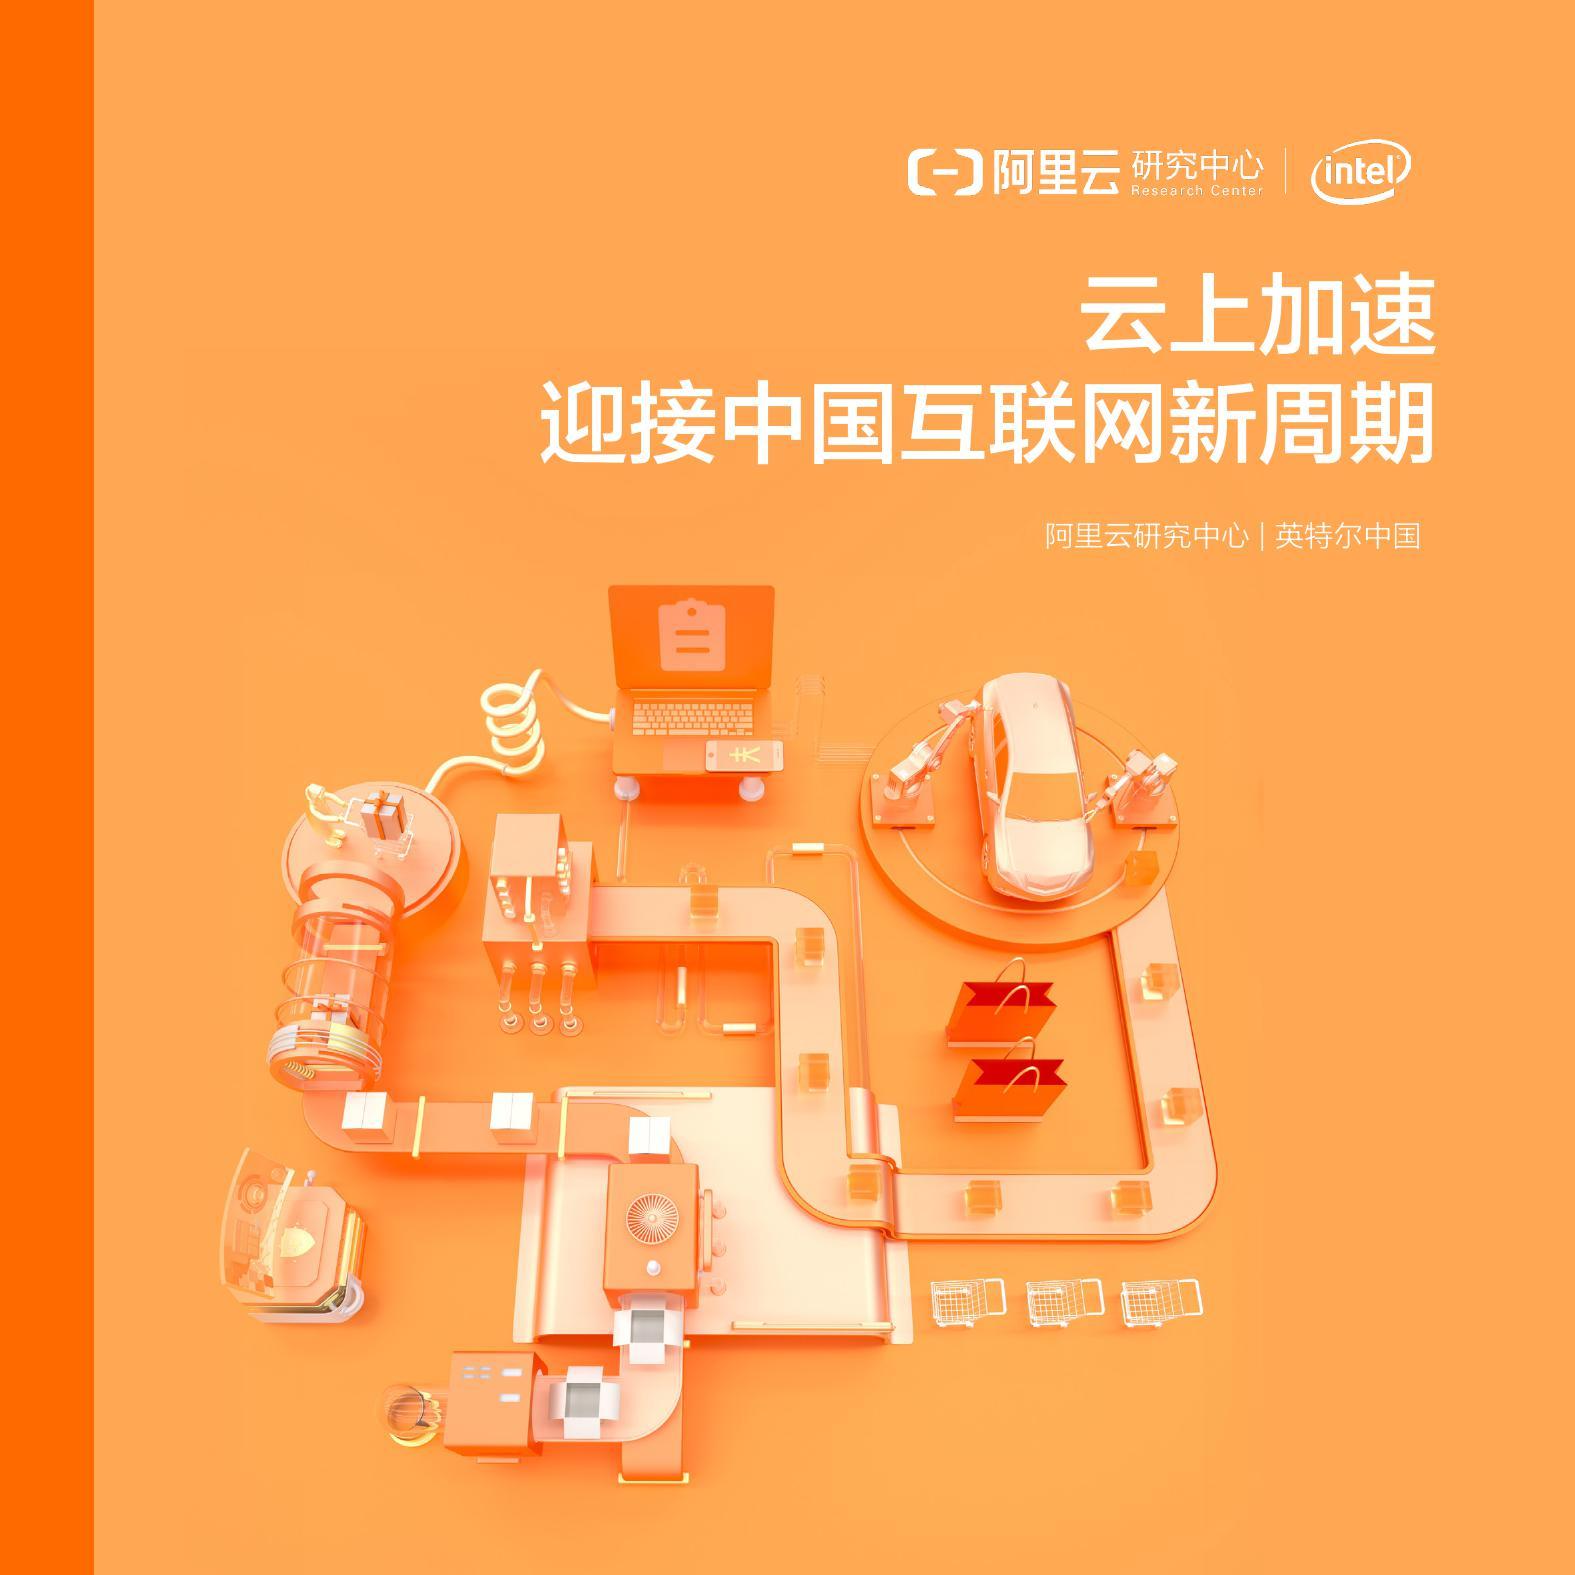 云上加速:迎接中国互联网新周期